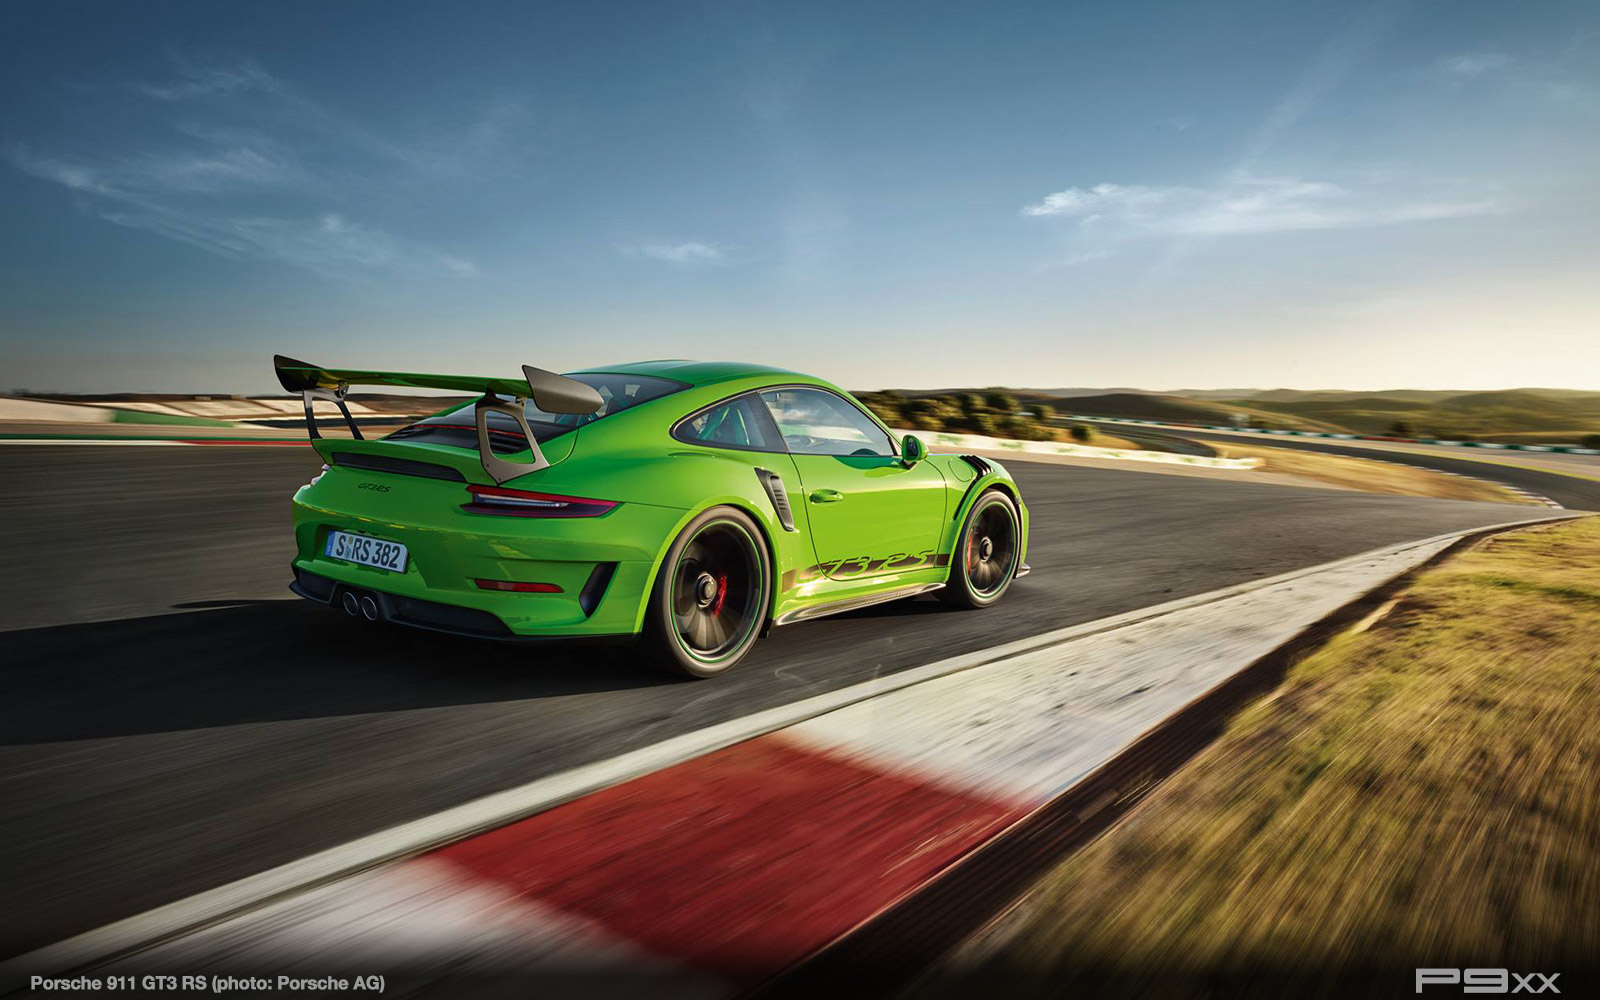 Porsche-991-2-911-GT3-RS-375